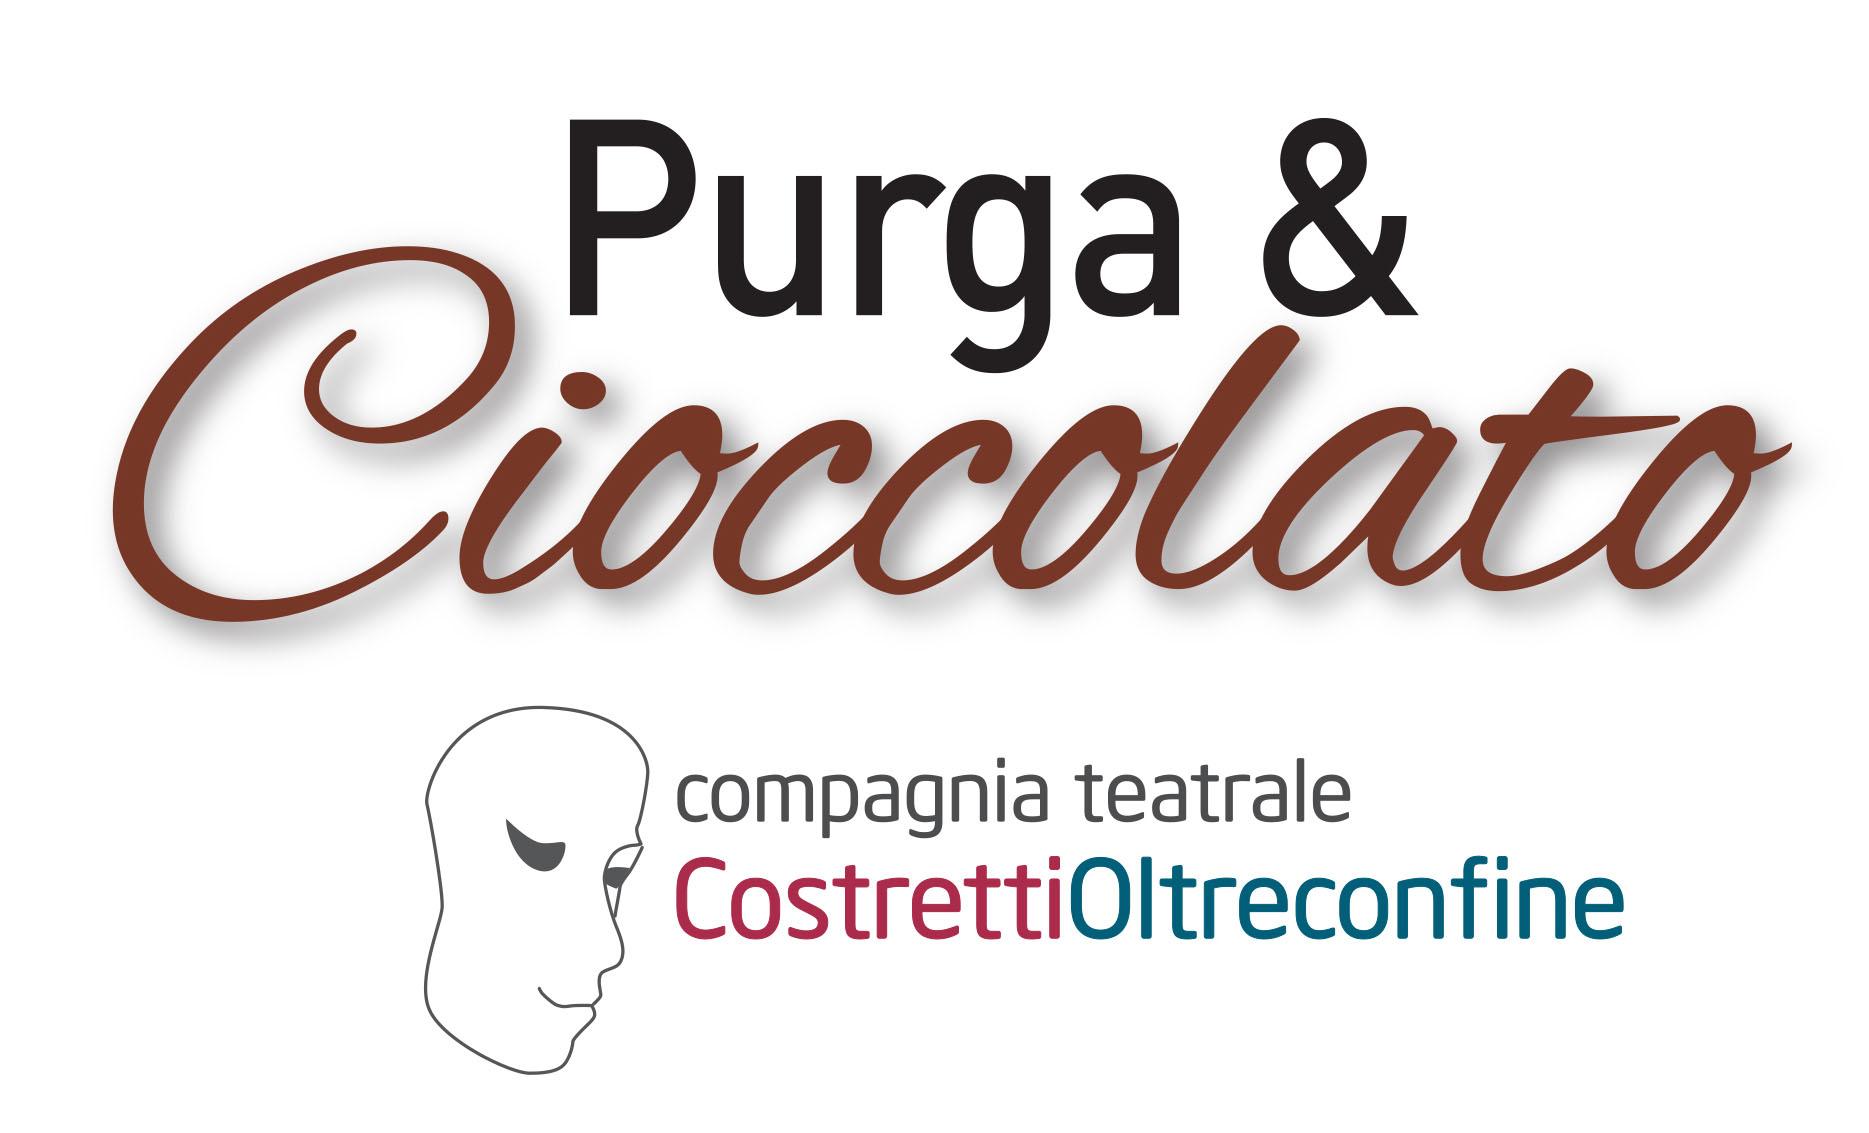 Spettacolo del 30 marzo a MIANE: Purga & Cioccolato!